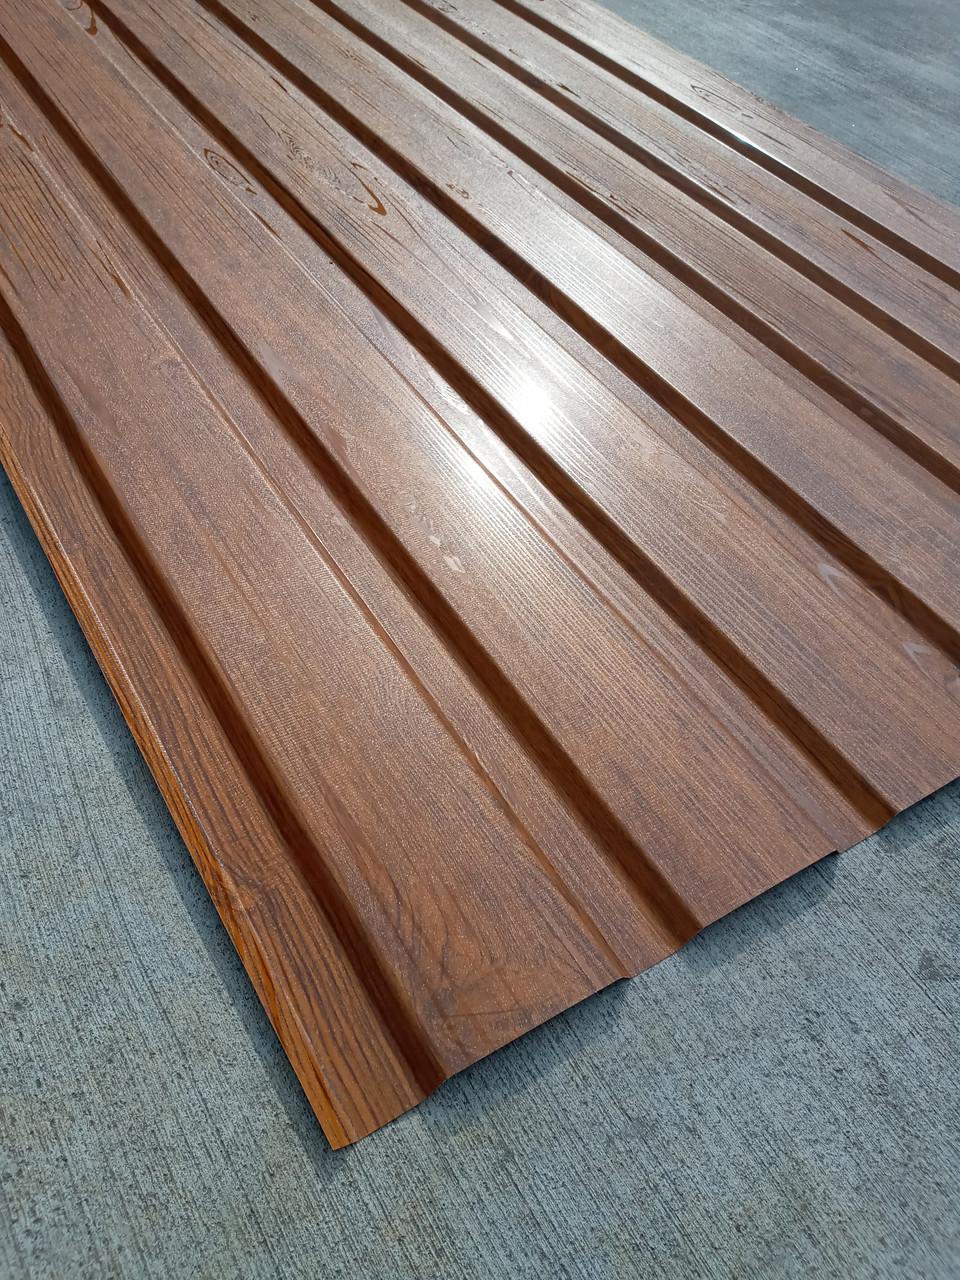 Профнастил с объемным рисунком  дерева 3D wood, размер листа 2мХ1,16м